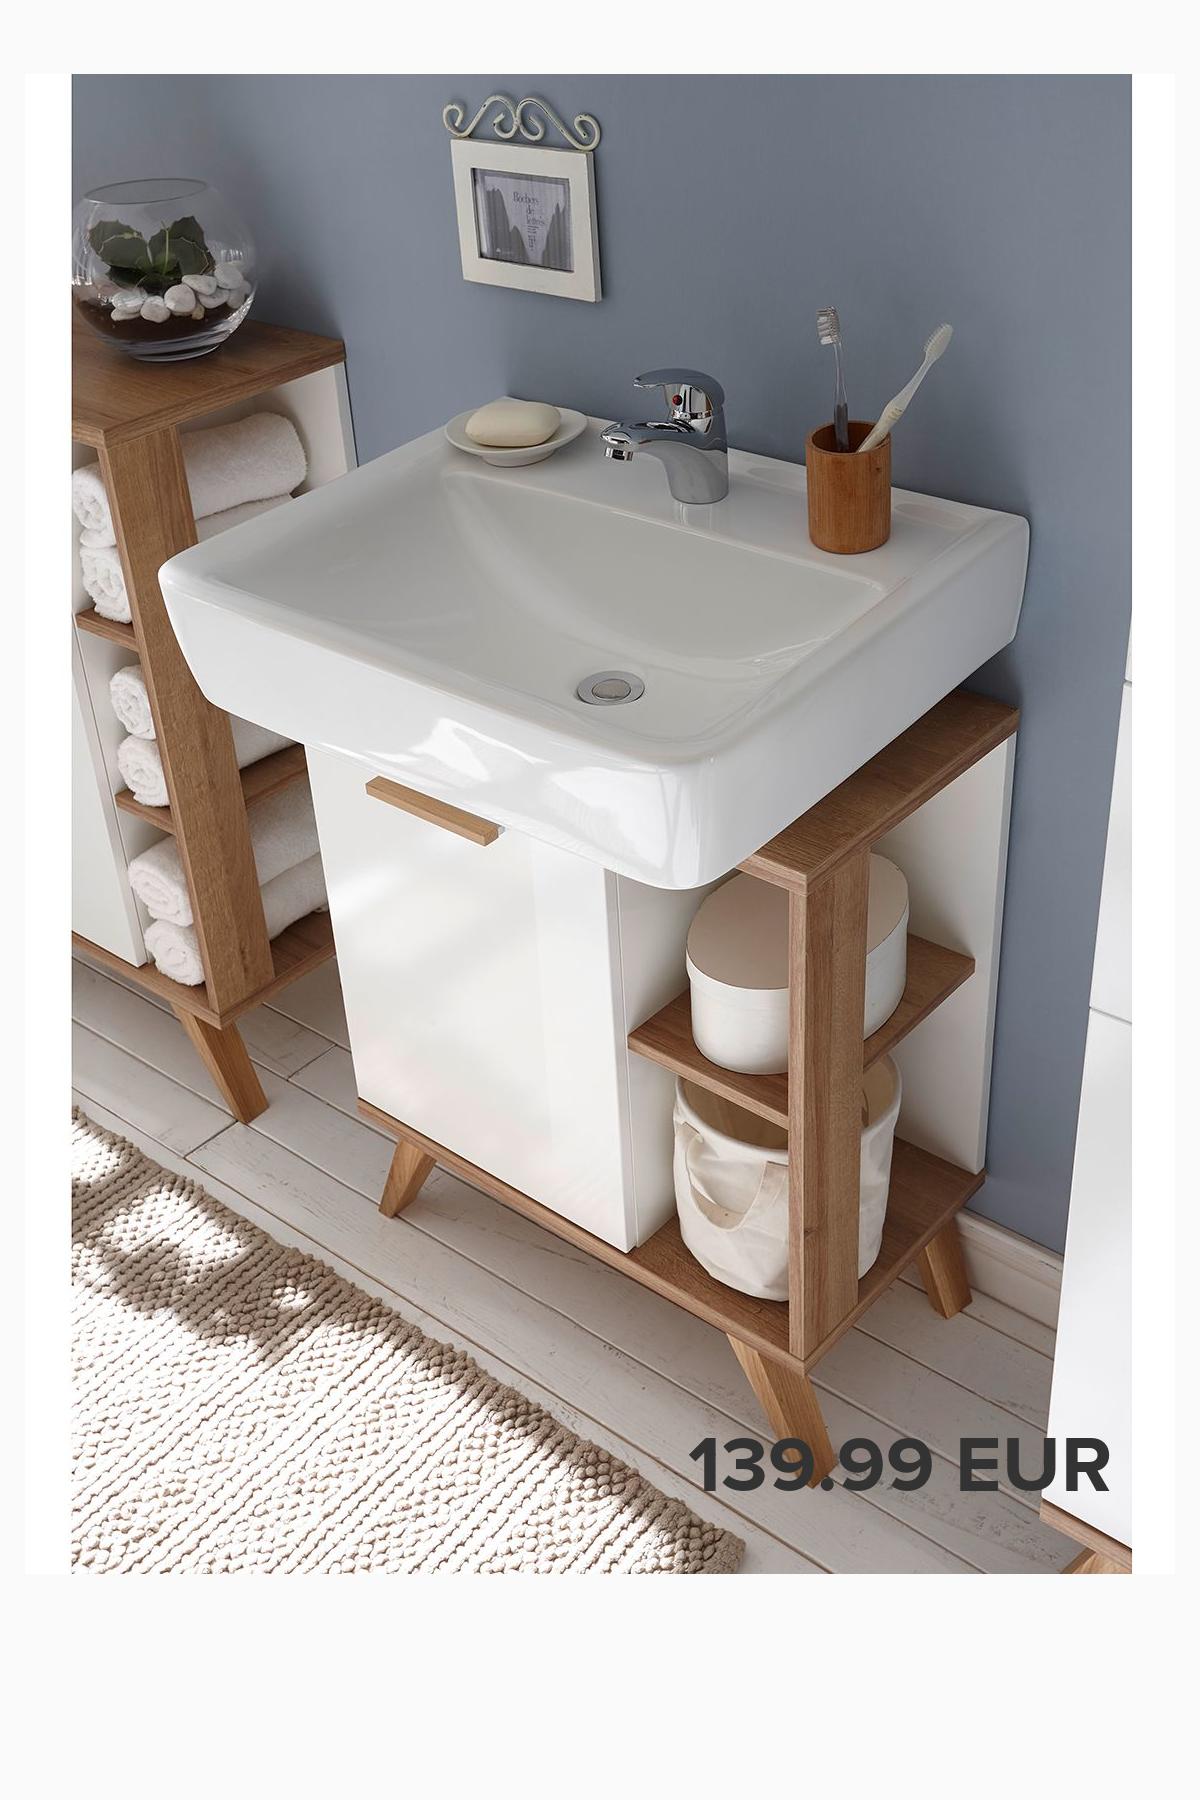 Waschbeckenunterschrank Noventa In 2020 Waschbeckenunterschrank Aufbewahrung Fur Kleines Badezimmer Kleines Bad Dekorieren